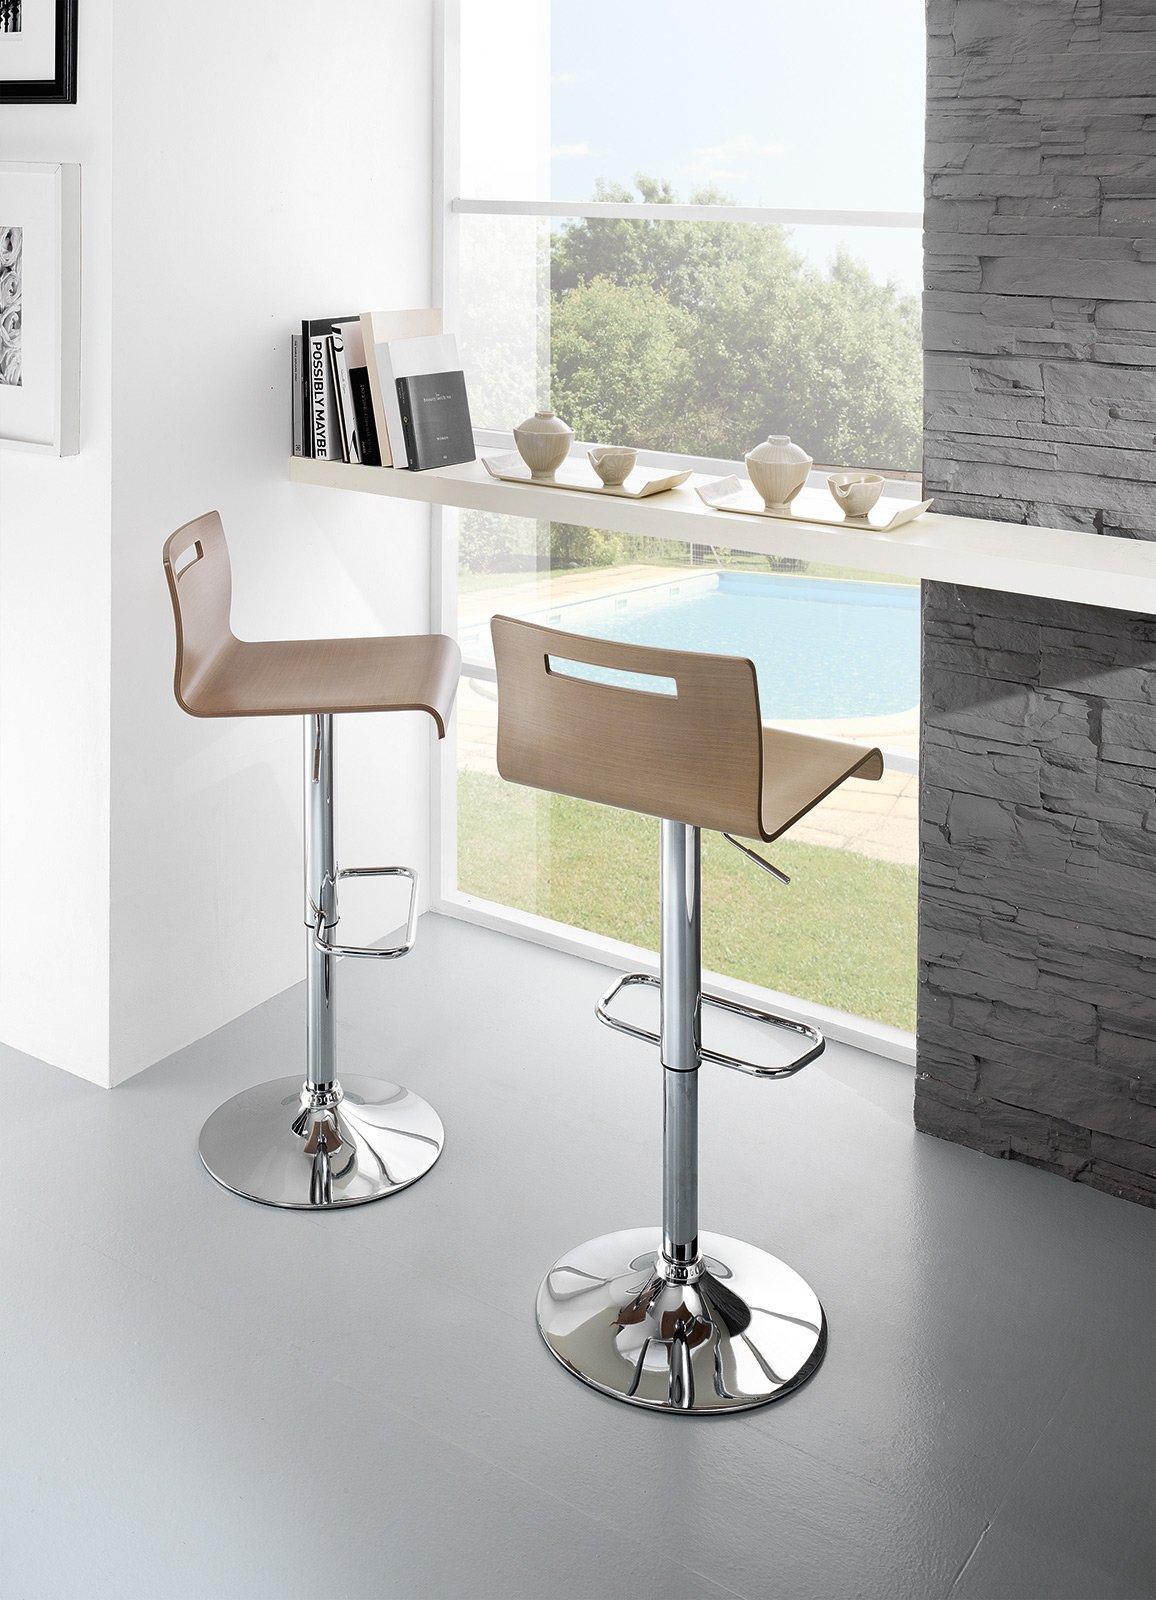 Sgabelli scegli il tuo stile cose di casa - Sgabelli moderni per cucina ...